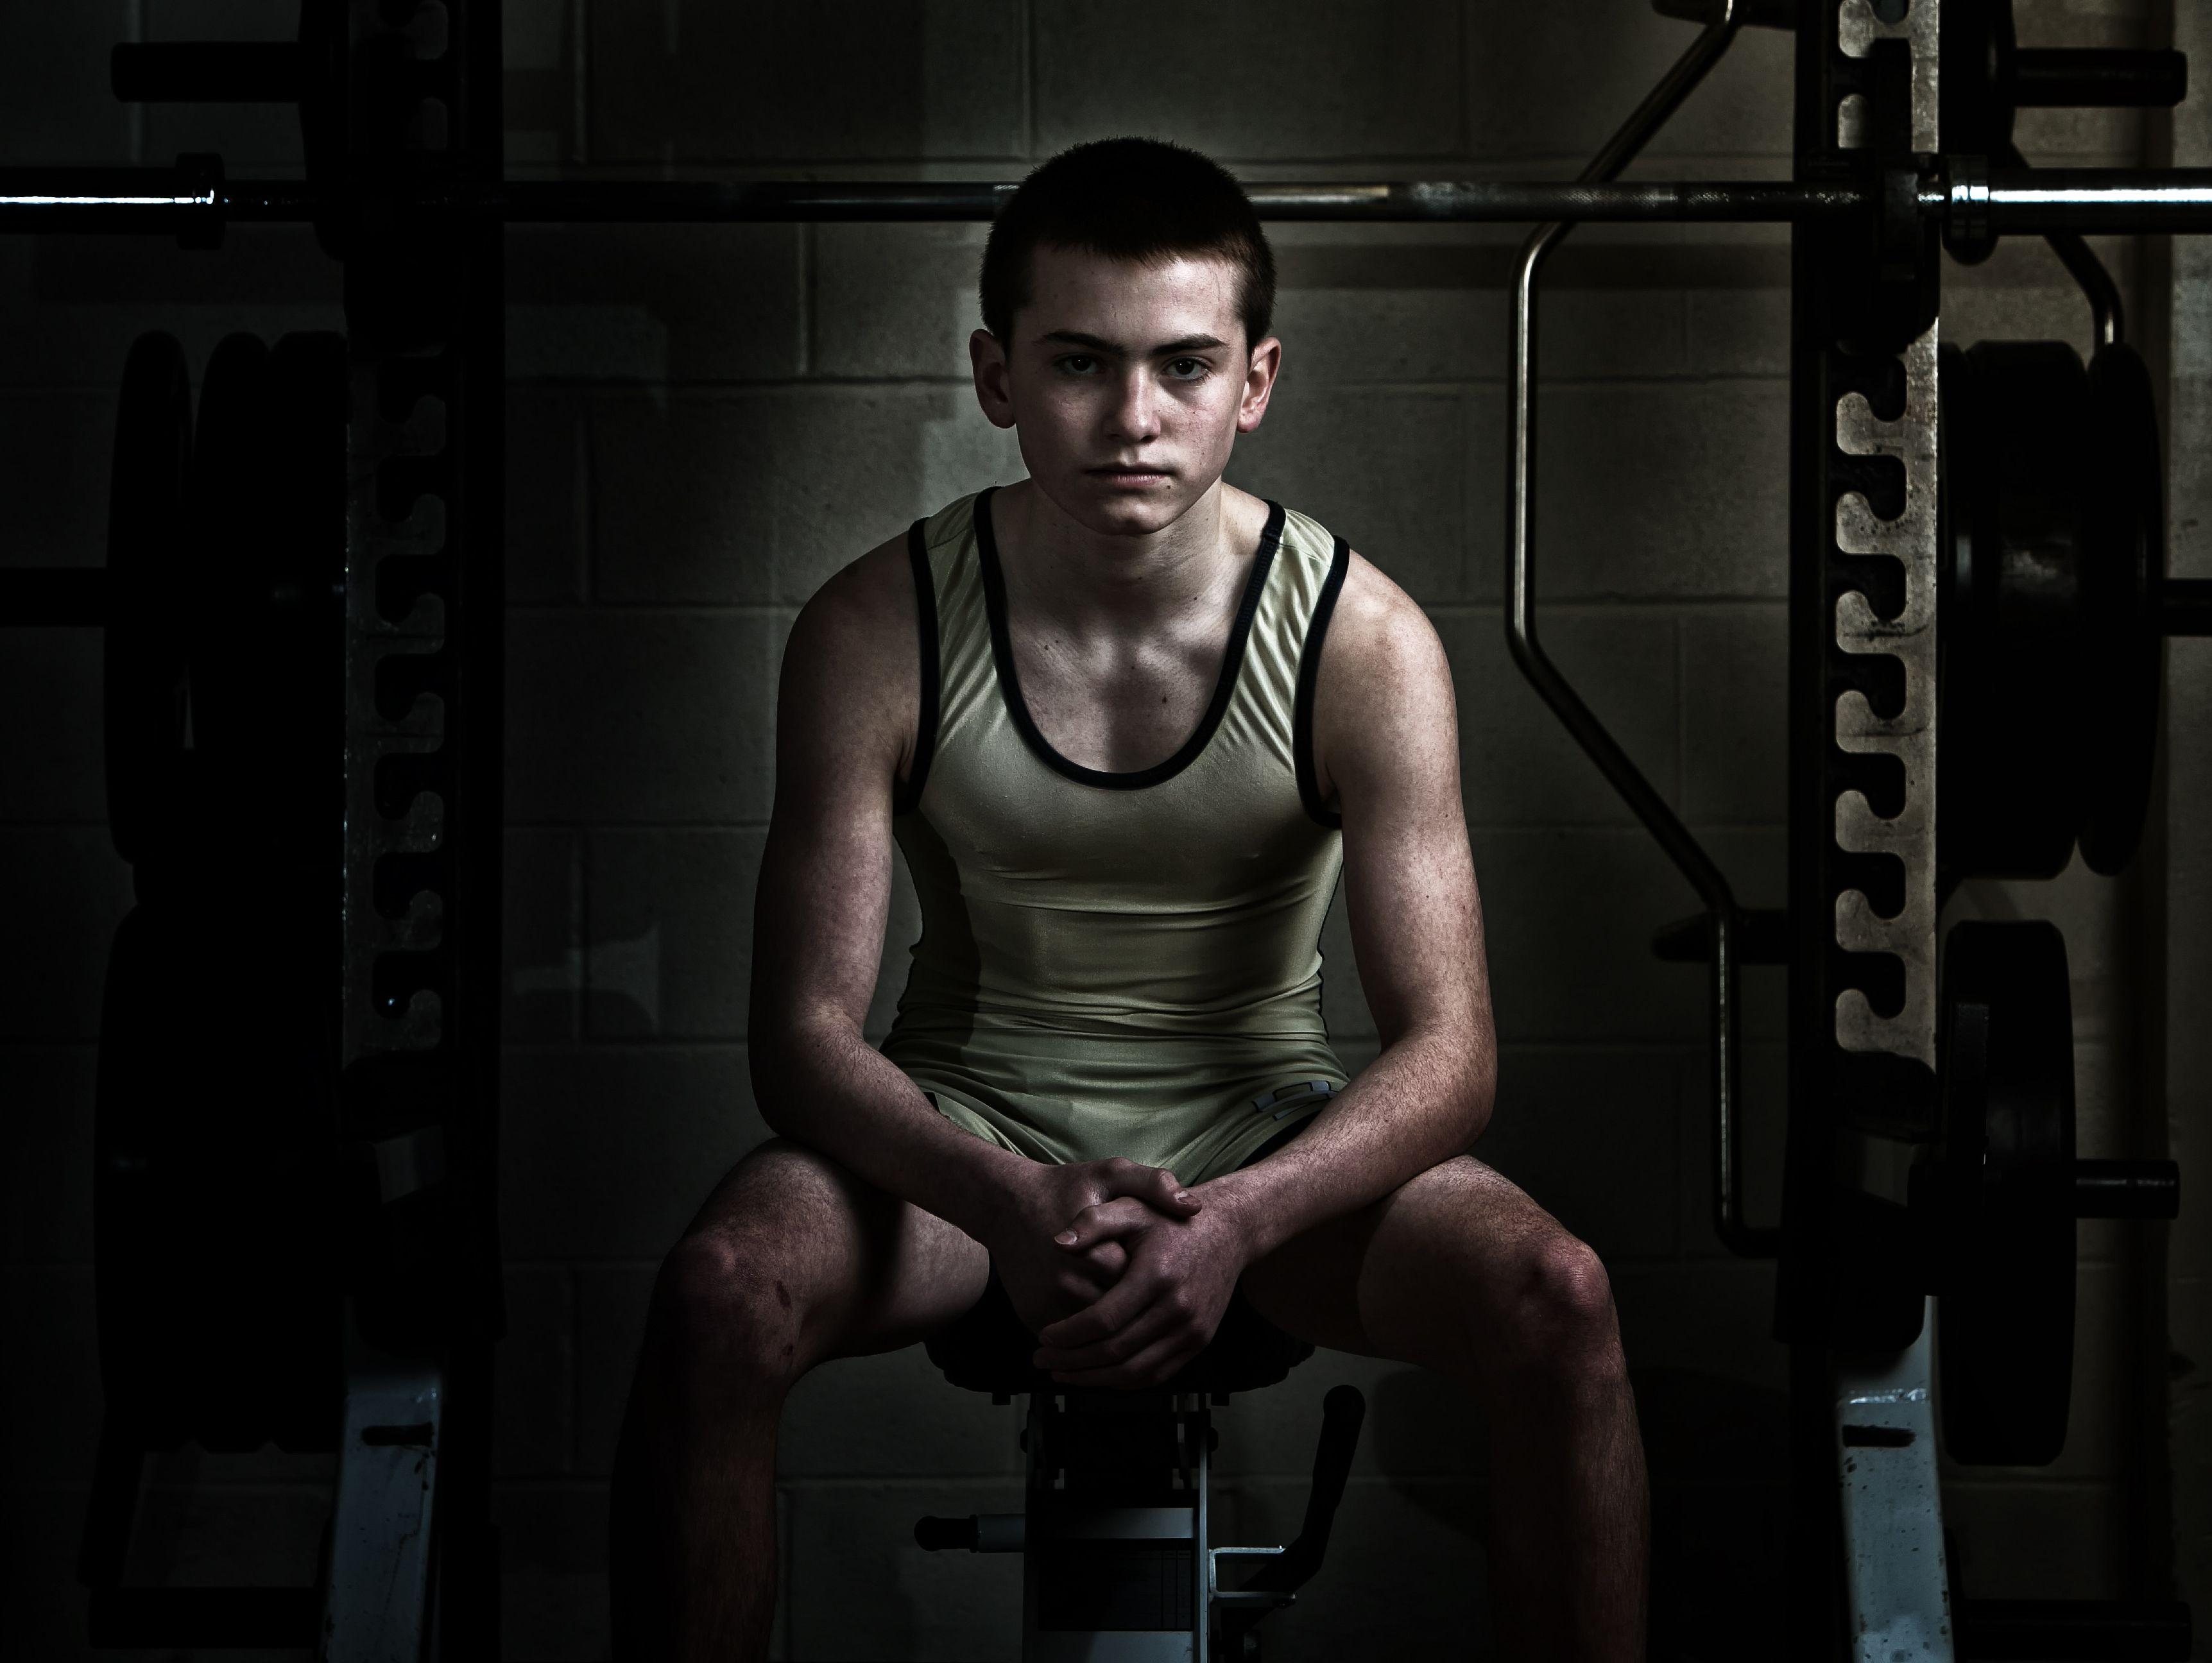 Salesianum 106-pound sate champion wrestler Zach Spence.